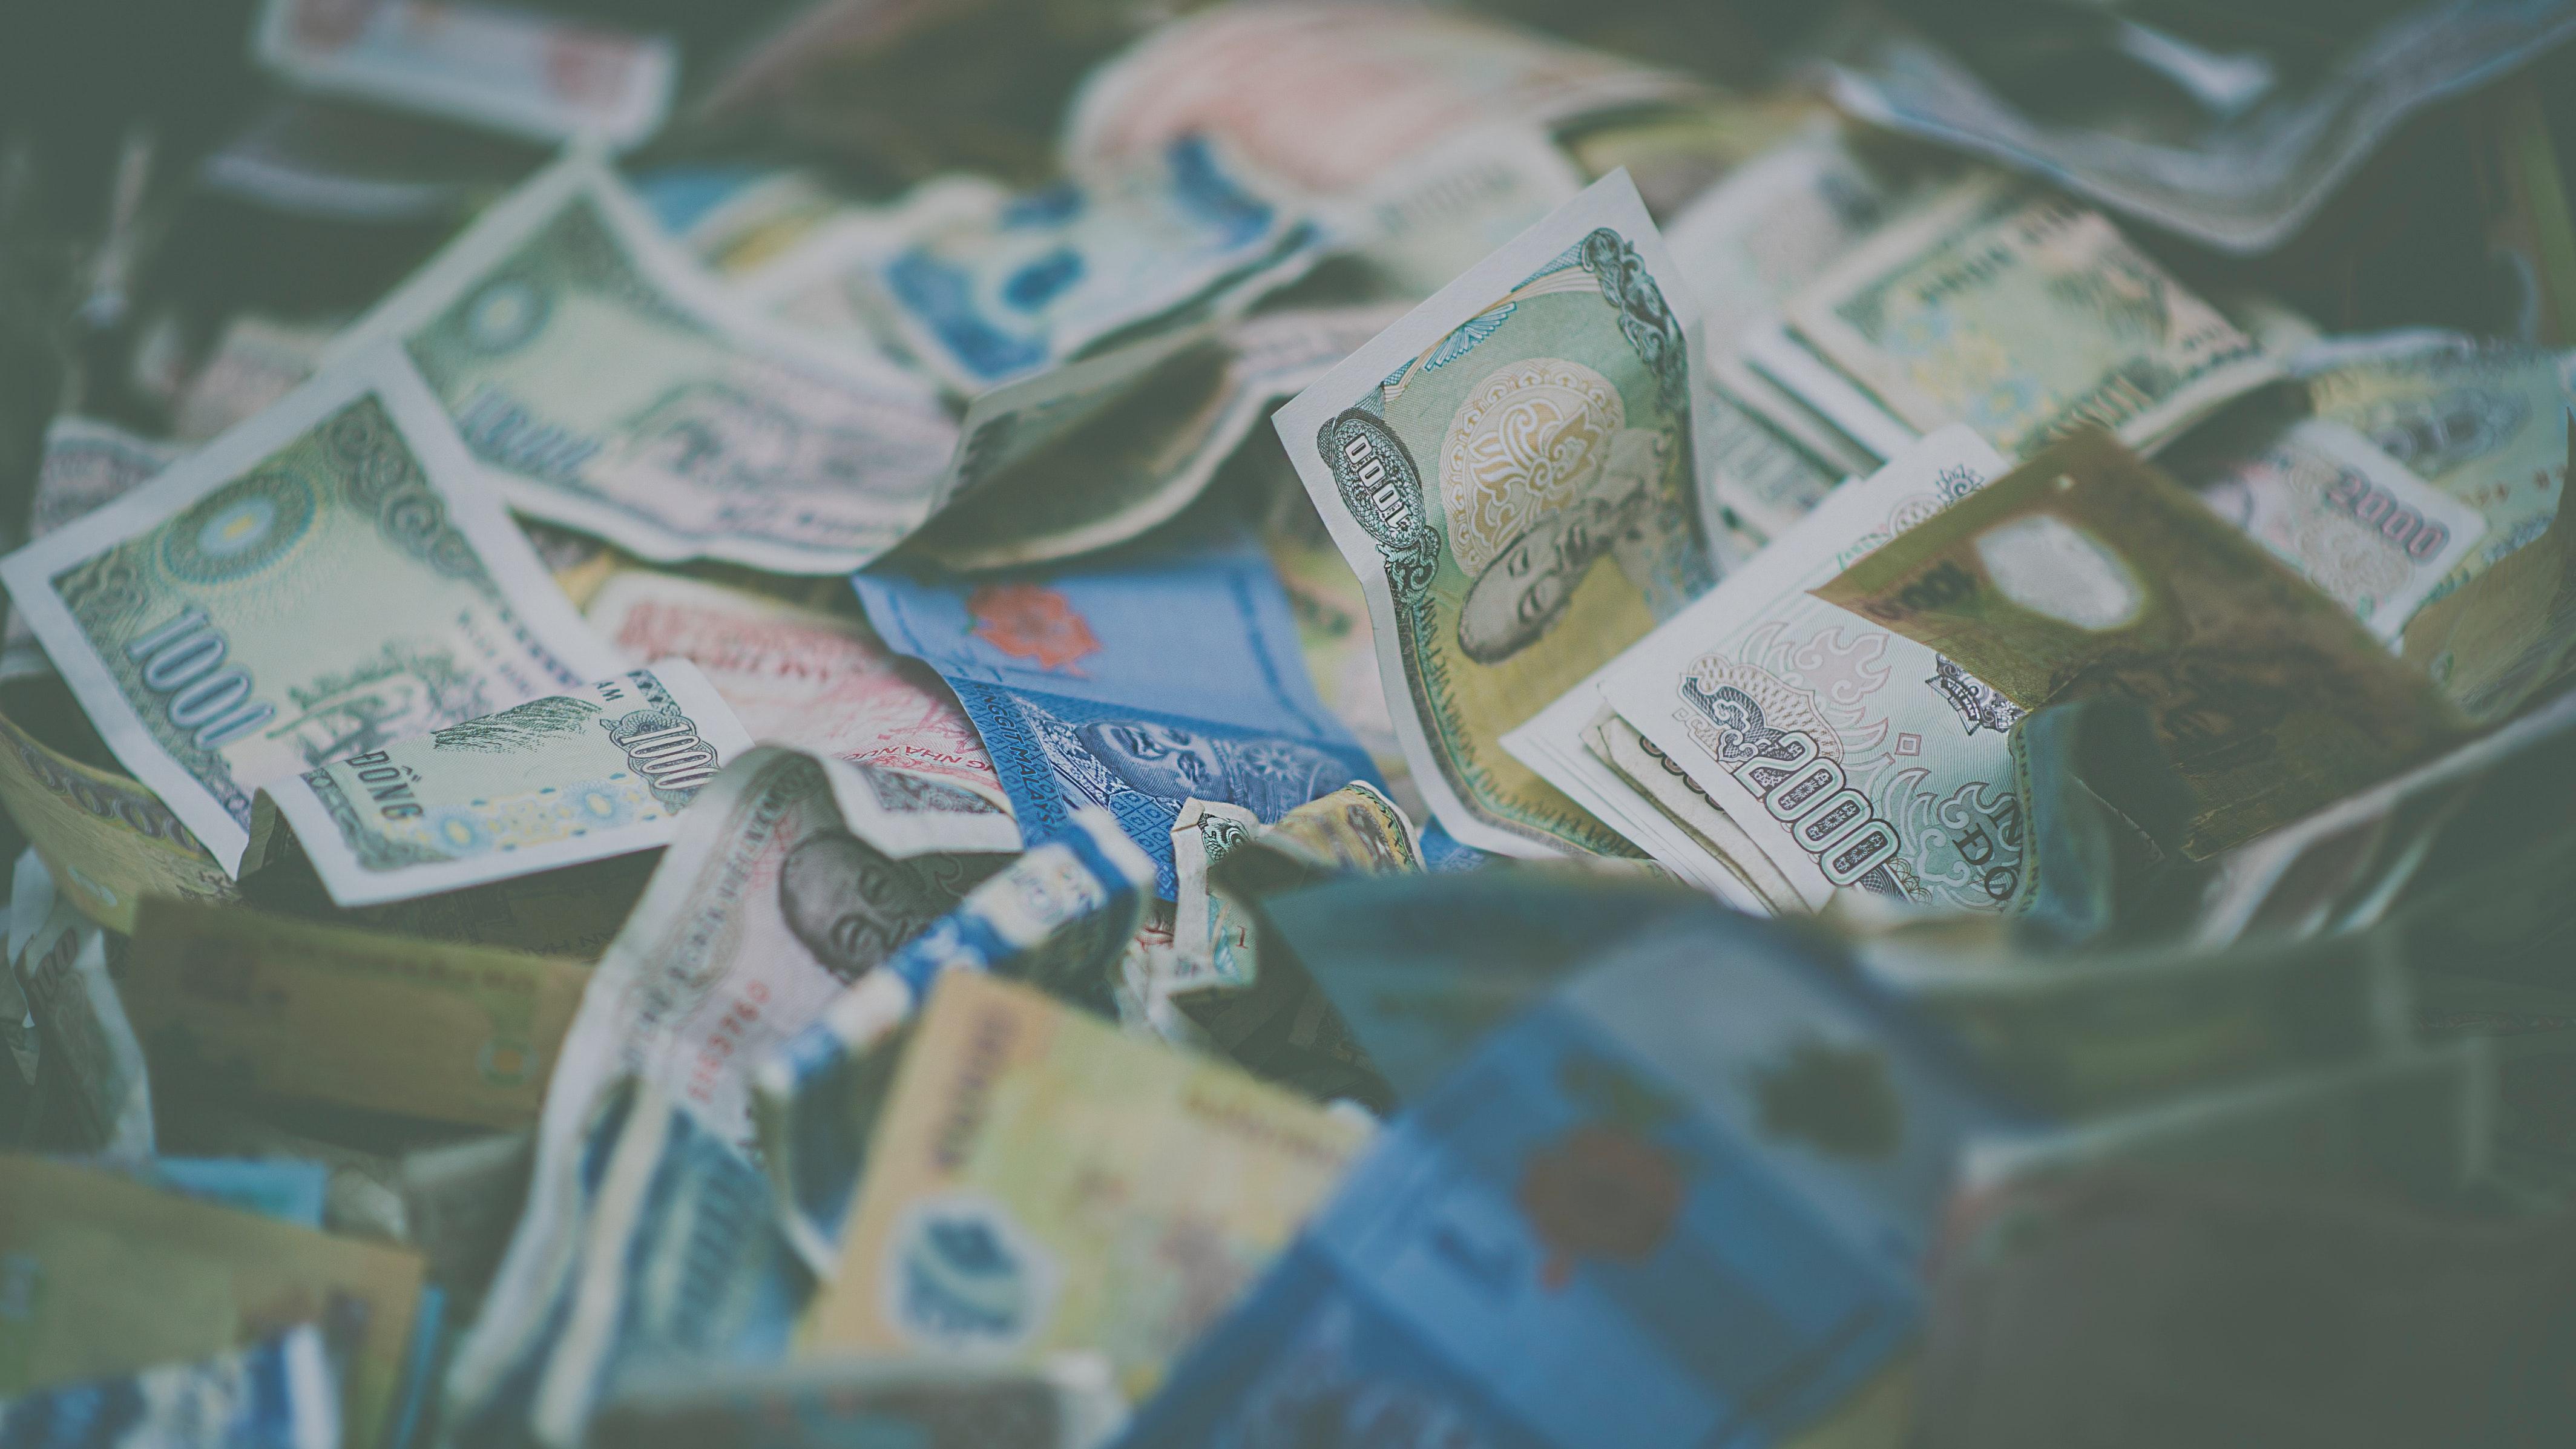 banknotes-blur-cash-1629172